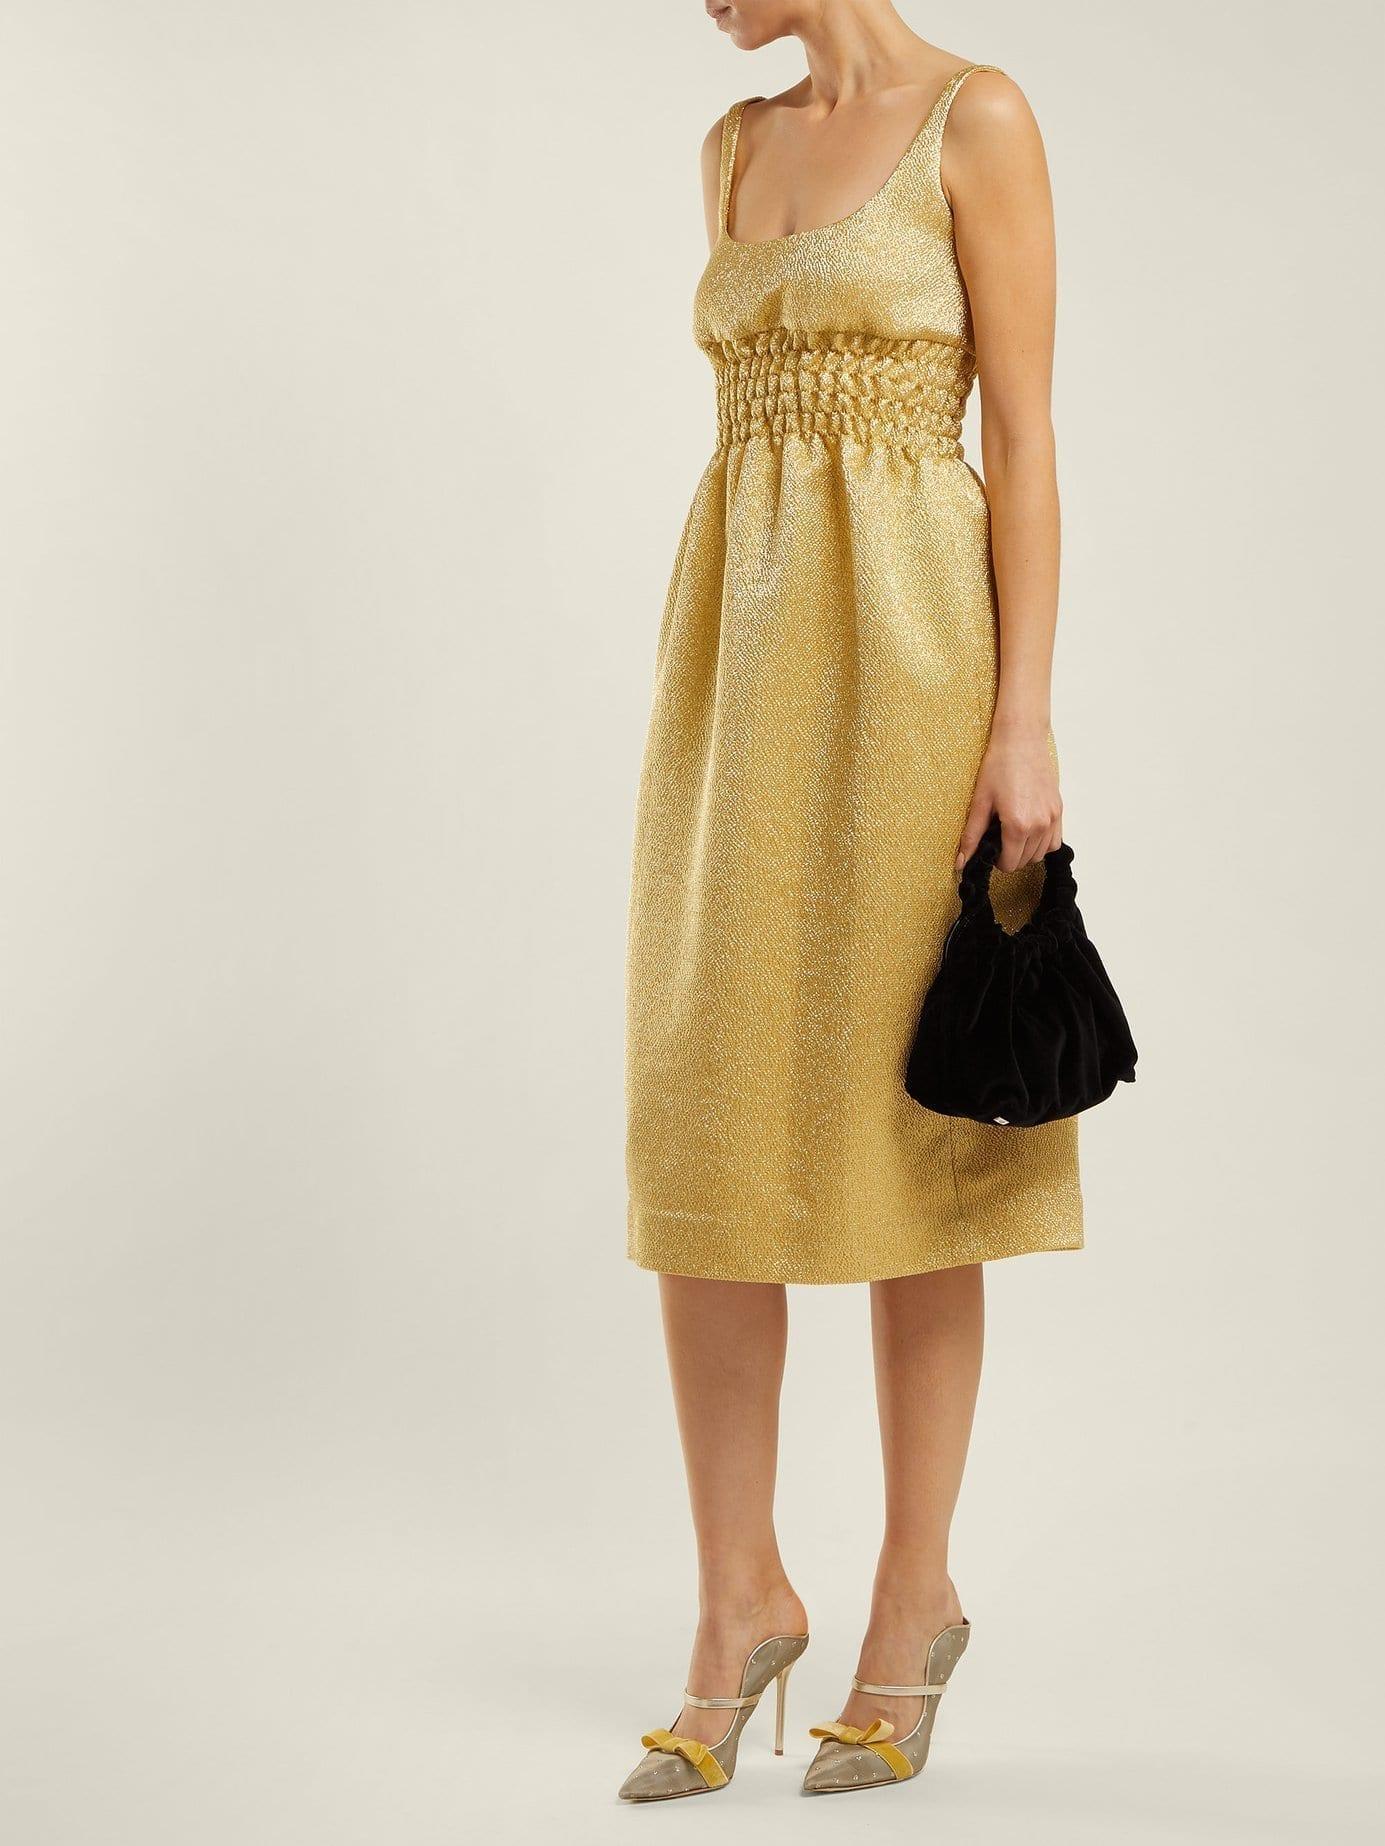 EMILIA WICKSTEAD Giovanna Ruched Lamé Midi Gold Dress